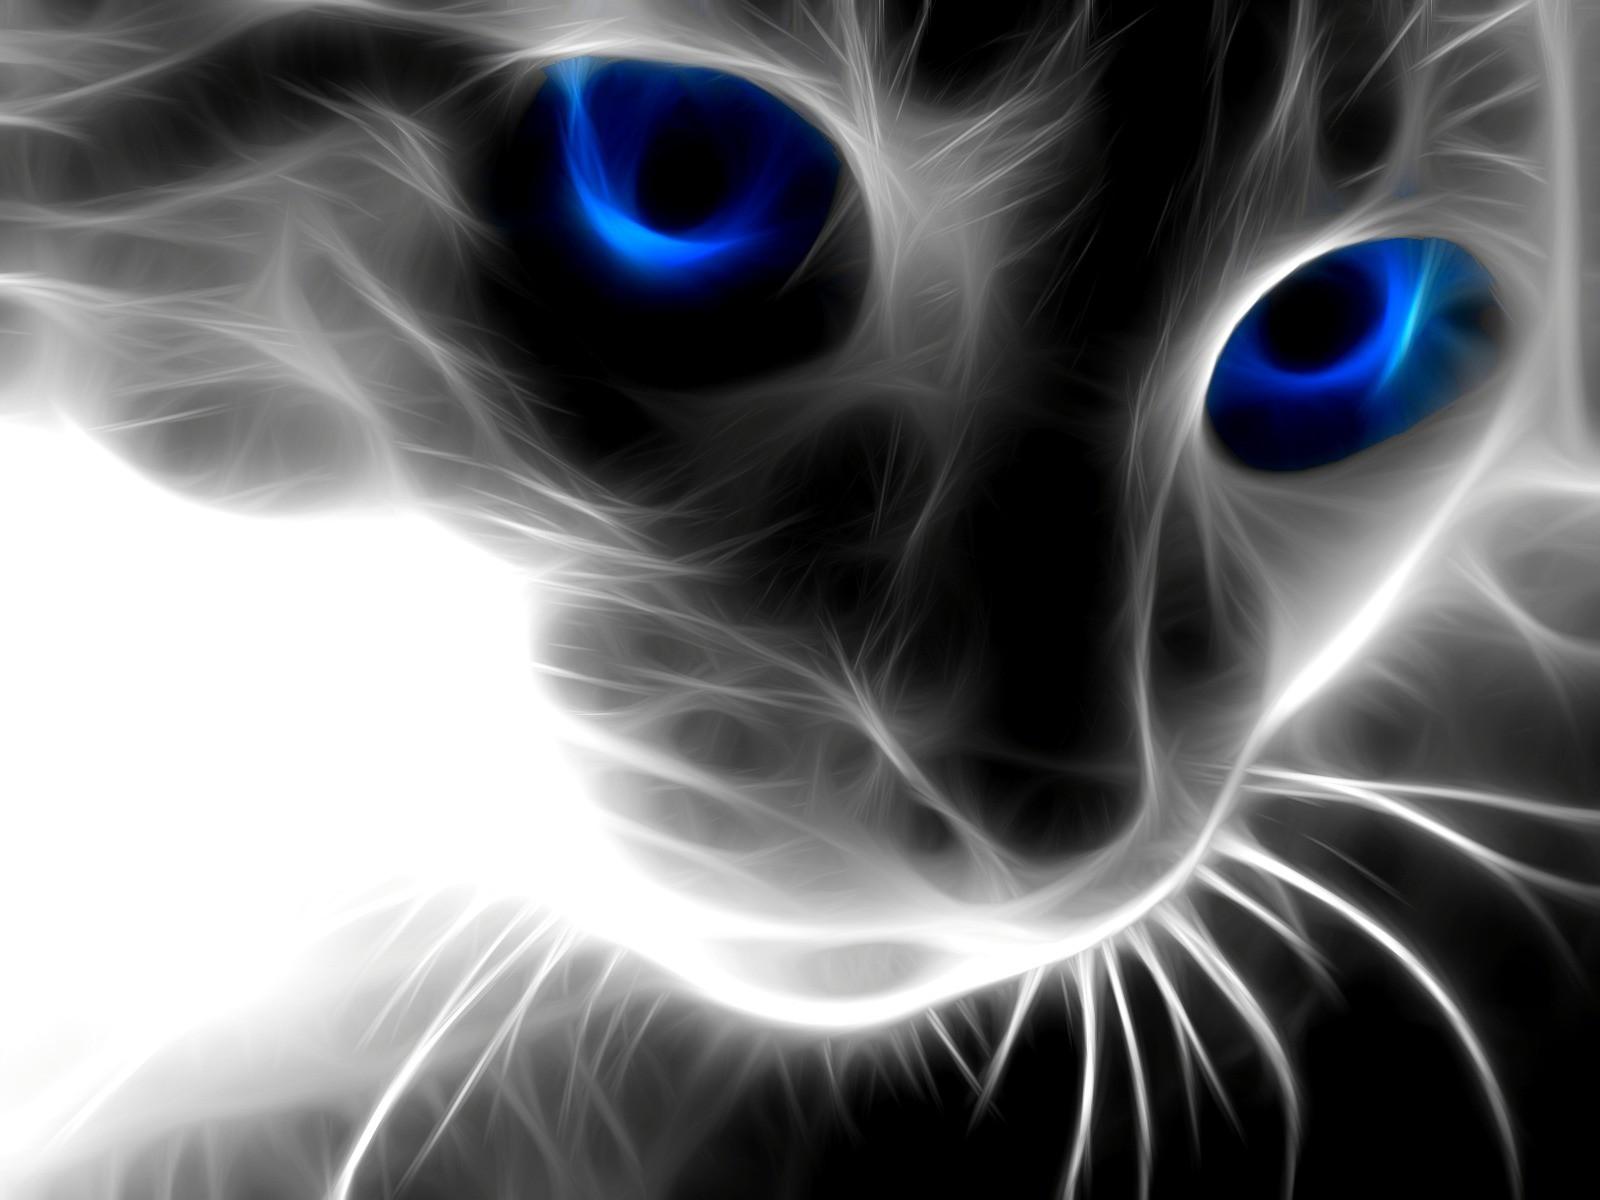 красивые картинки для вэка глубокую миску